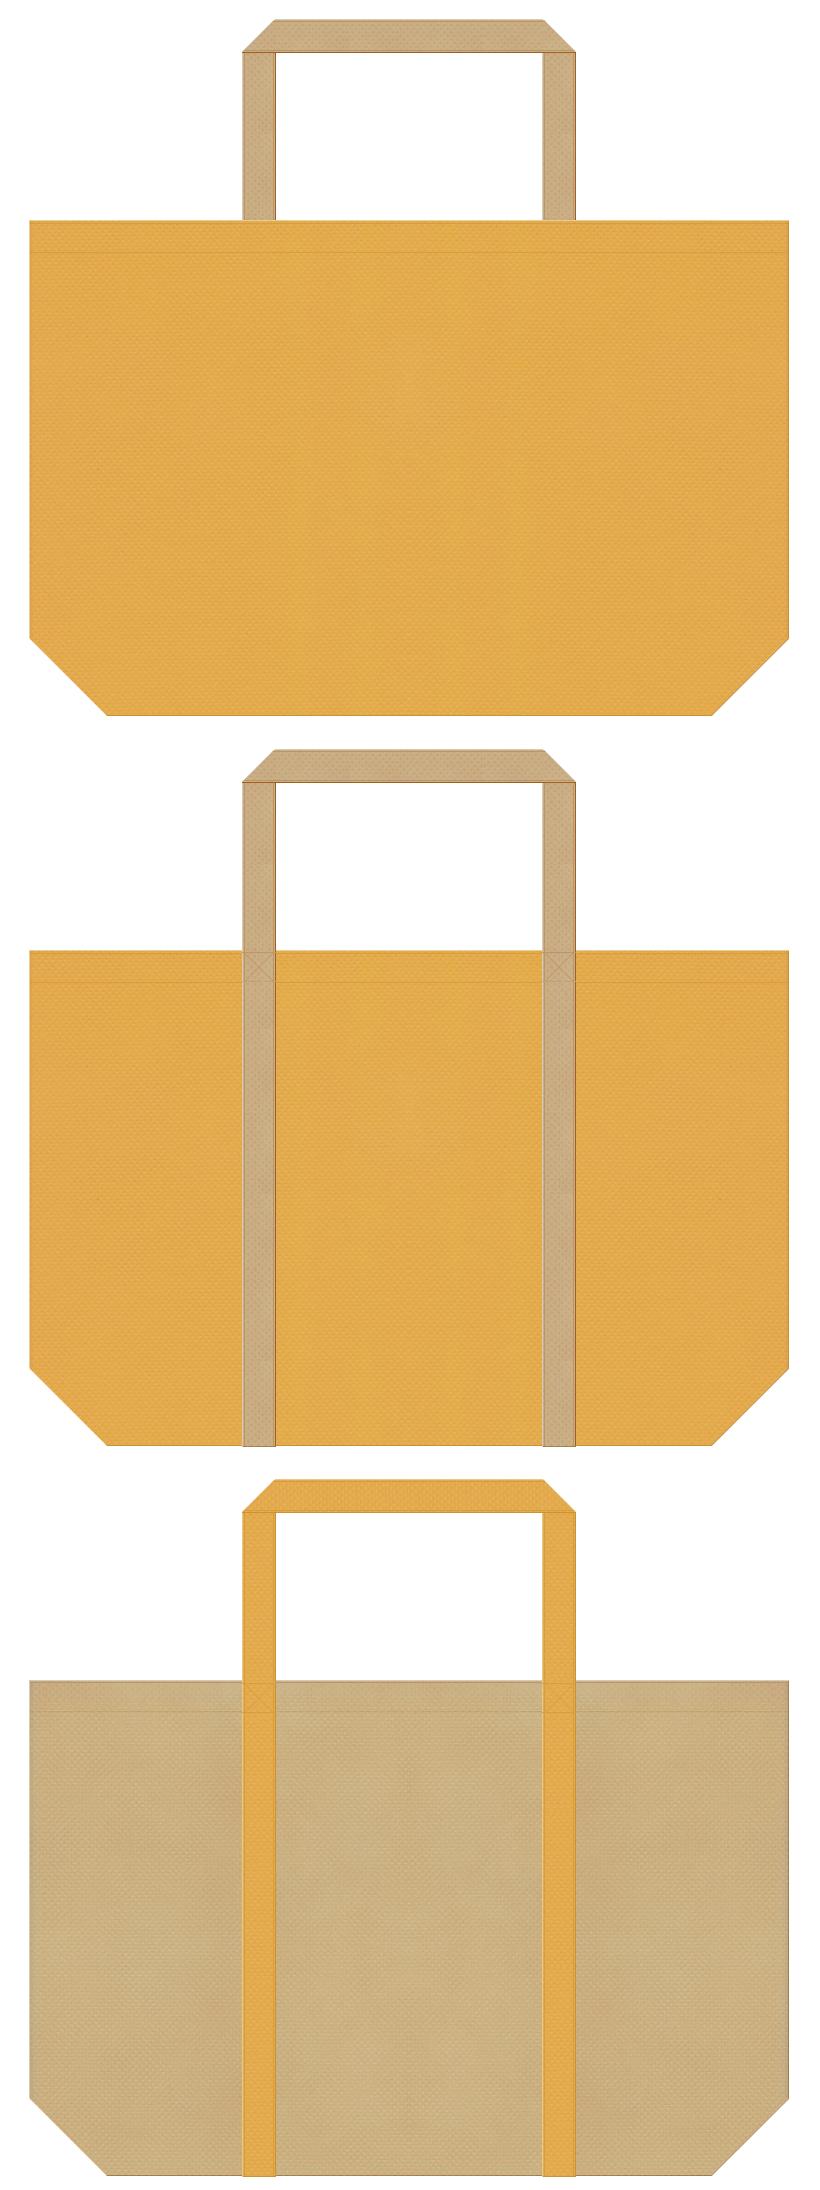 秋冬・毛糸・手芸教室・木工・工作教室・DIYのショッピングバッグにお奨めの不織布バッグデザイン:黄土色とカーキ色のコーデ